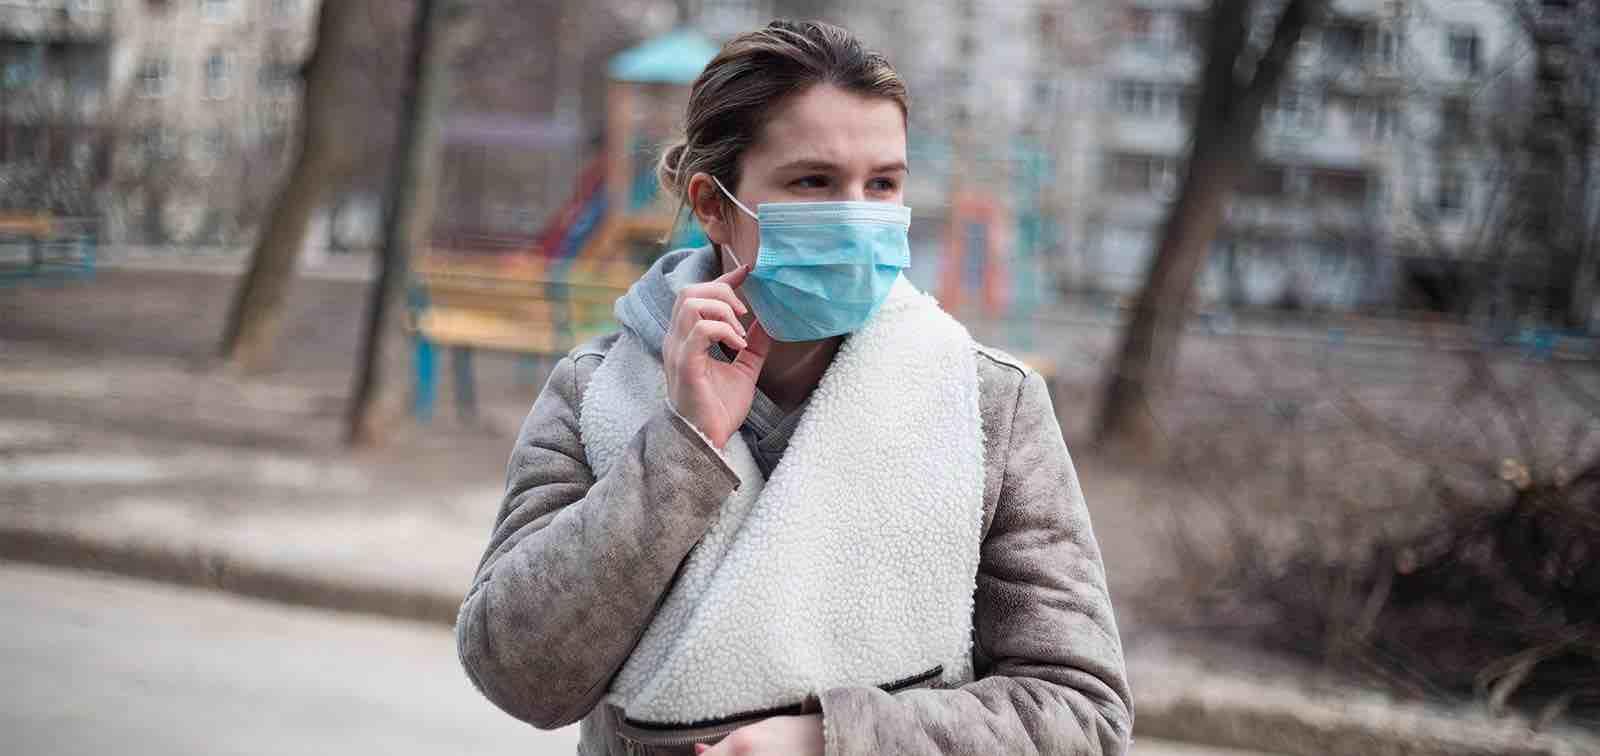 El coronavirus se propaga por el aire: científicos